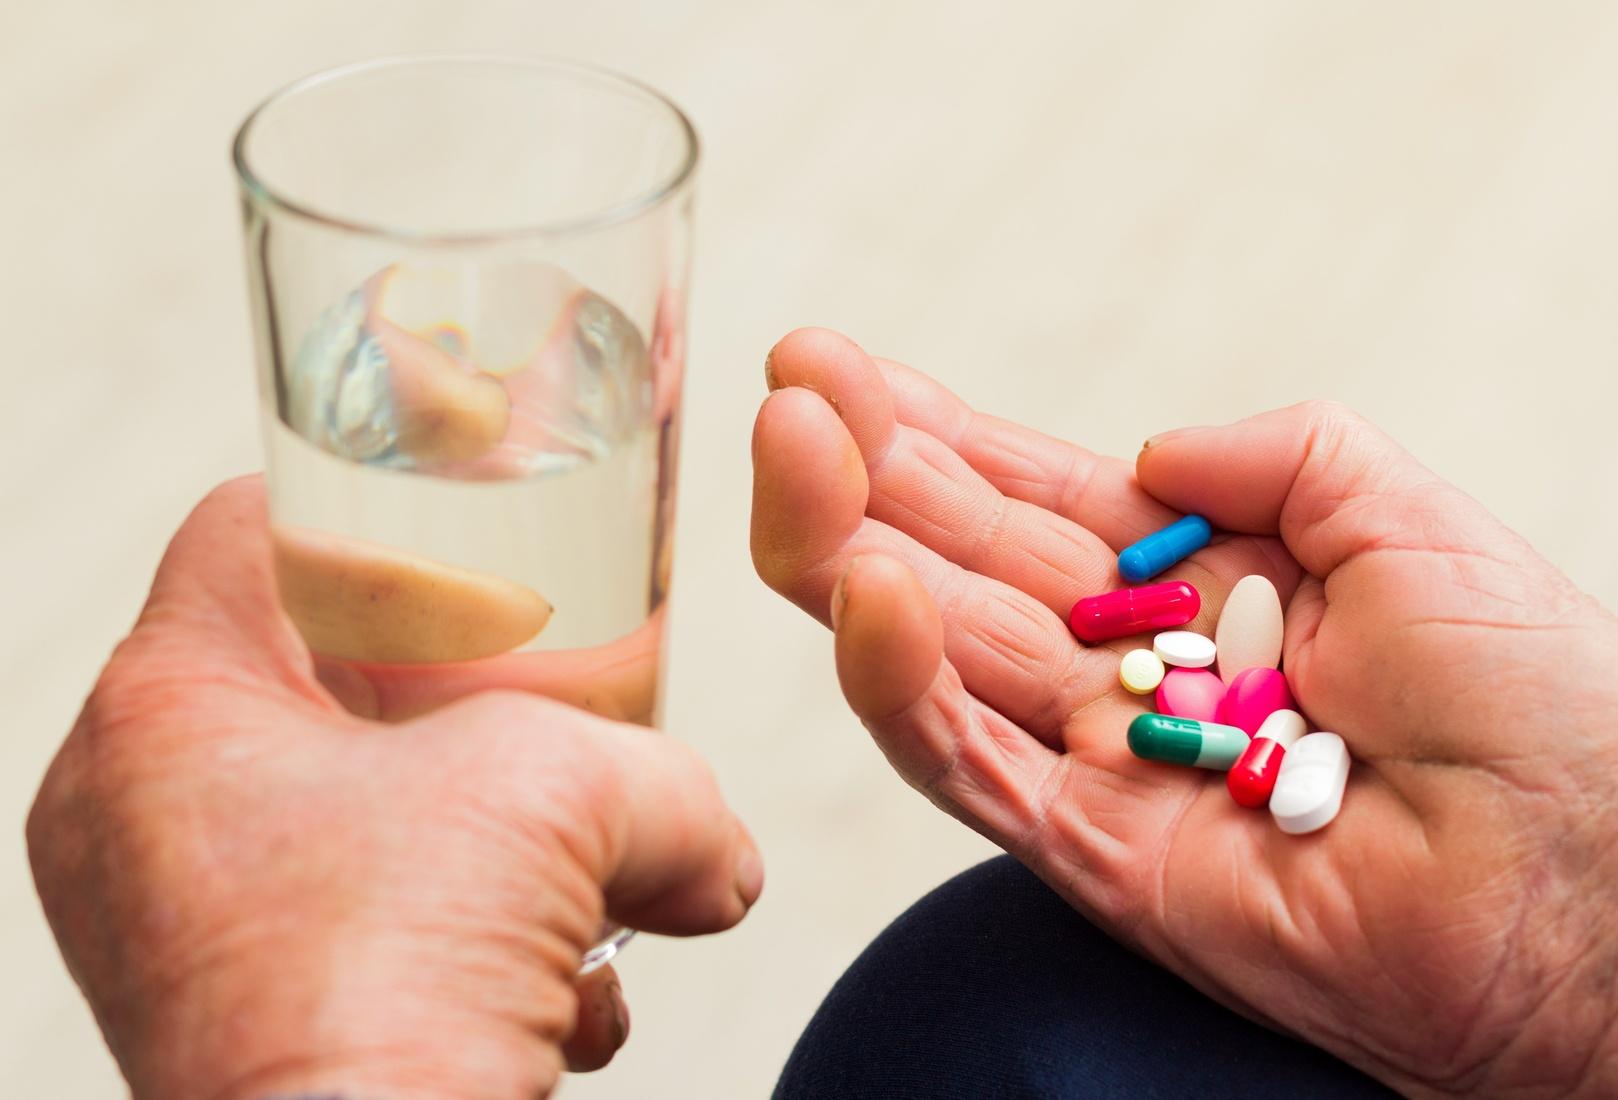 uso-excesivo-de-antibioticos